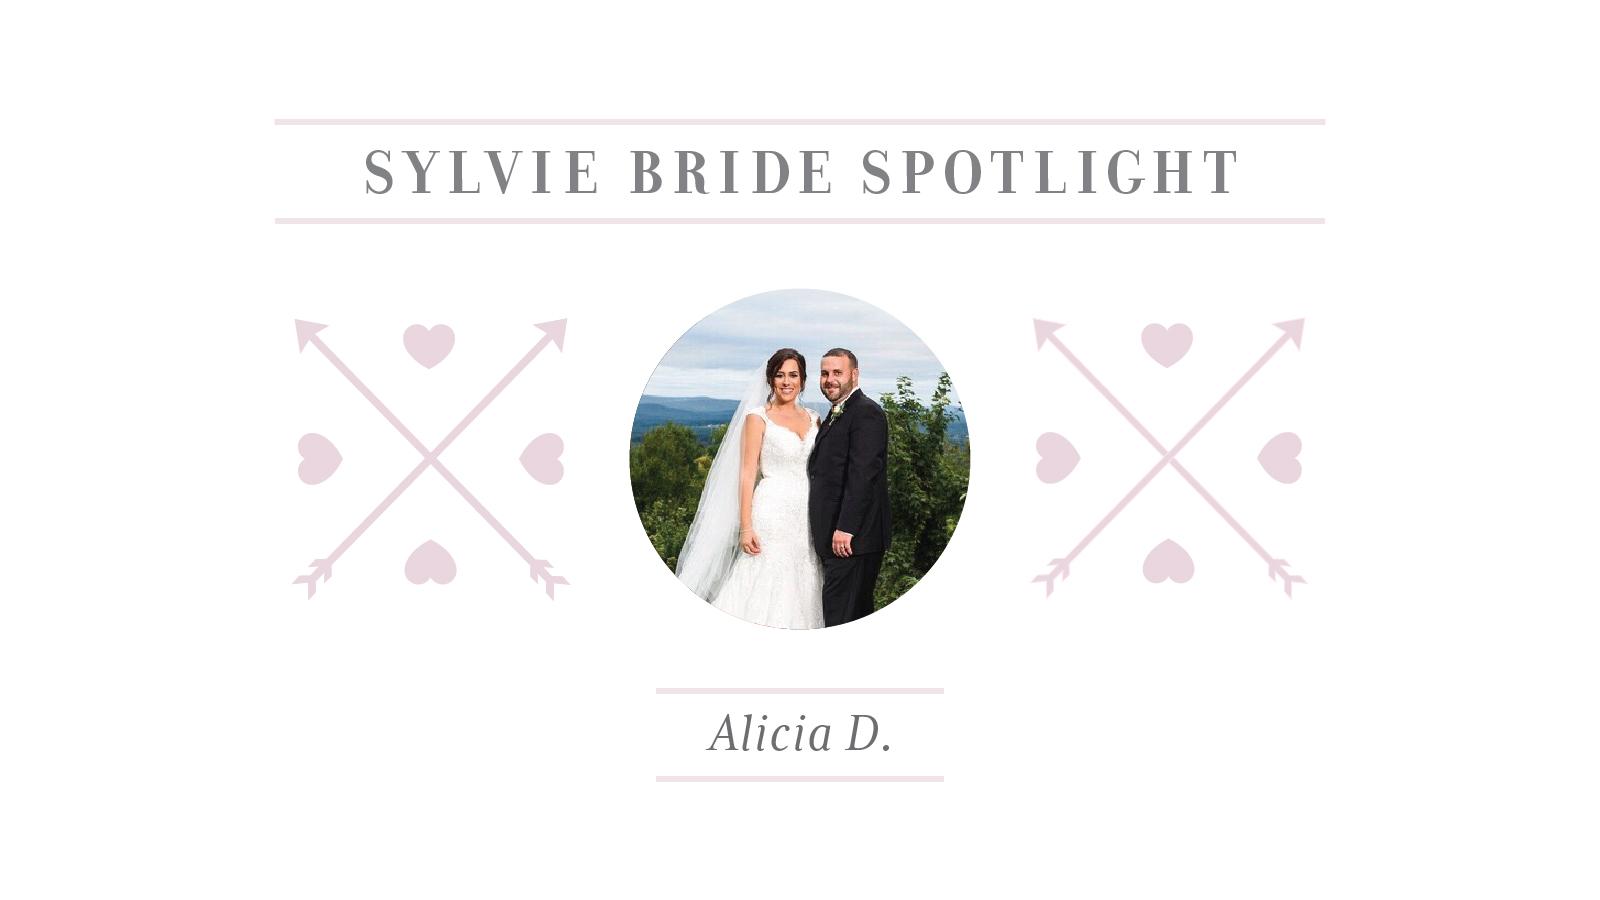 Sylvie Bride Spotlight - Alicia D